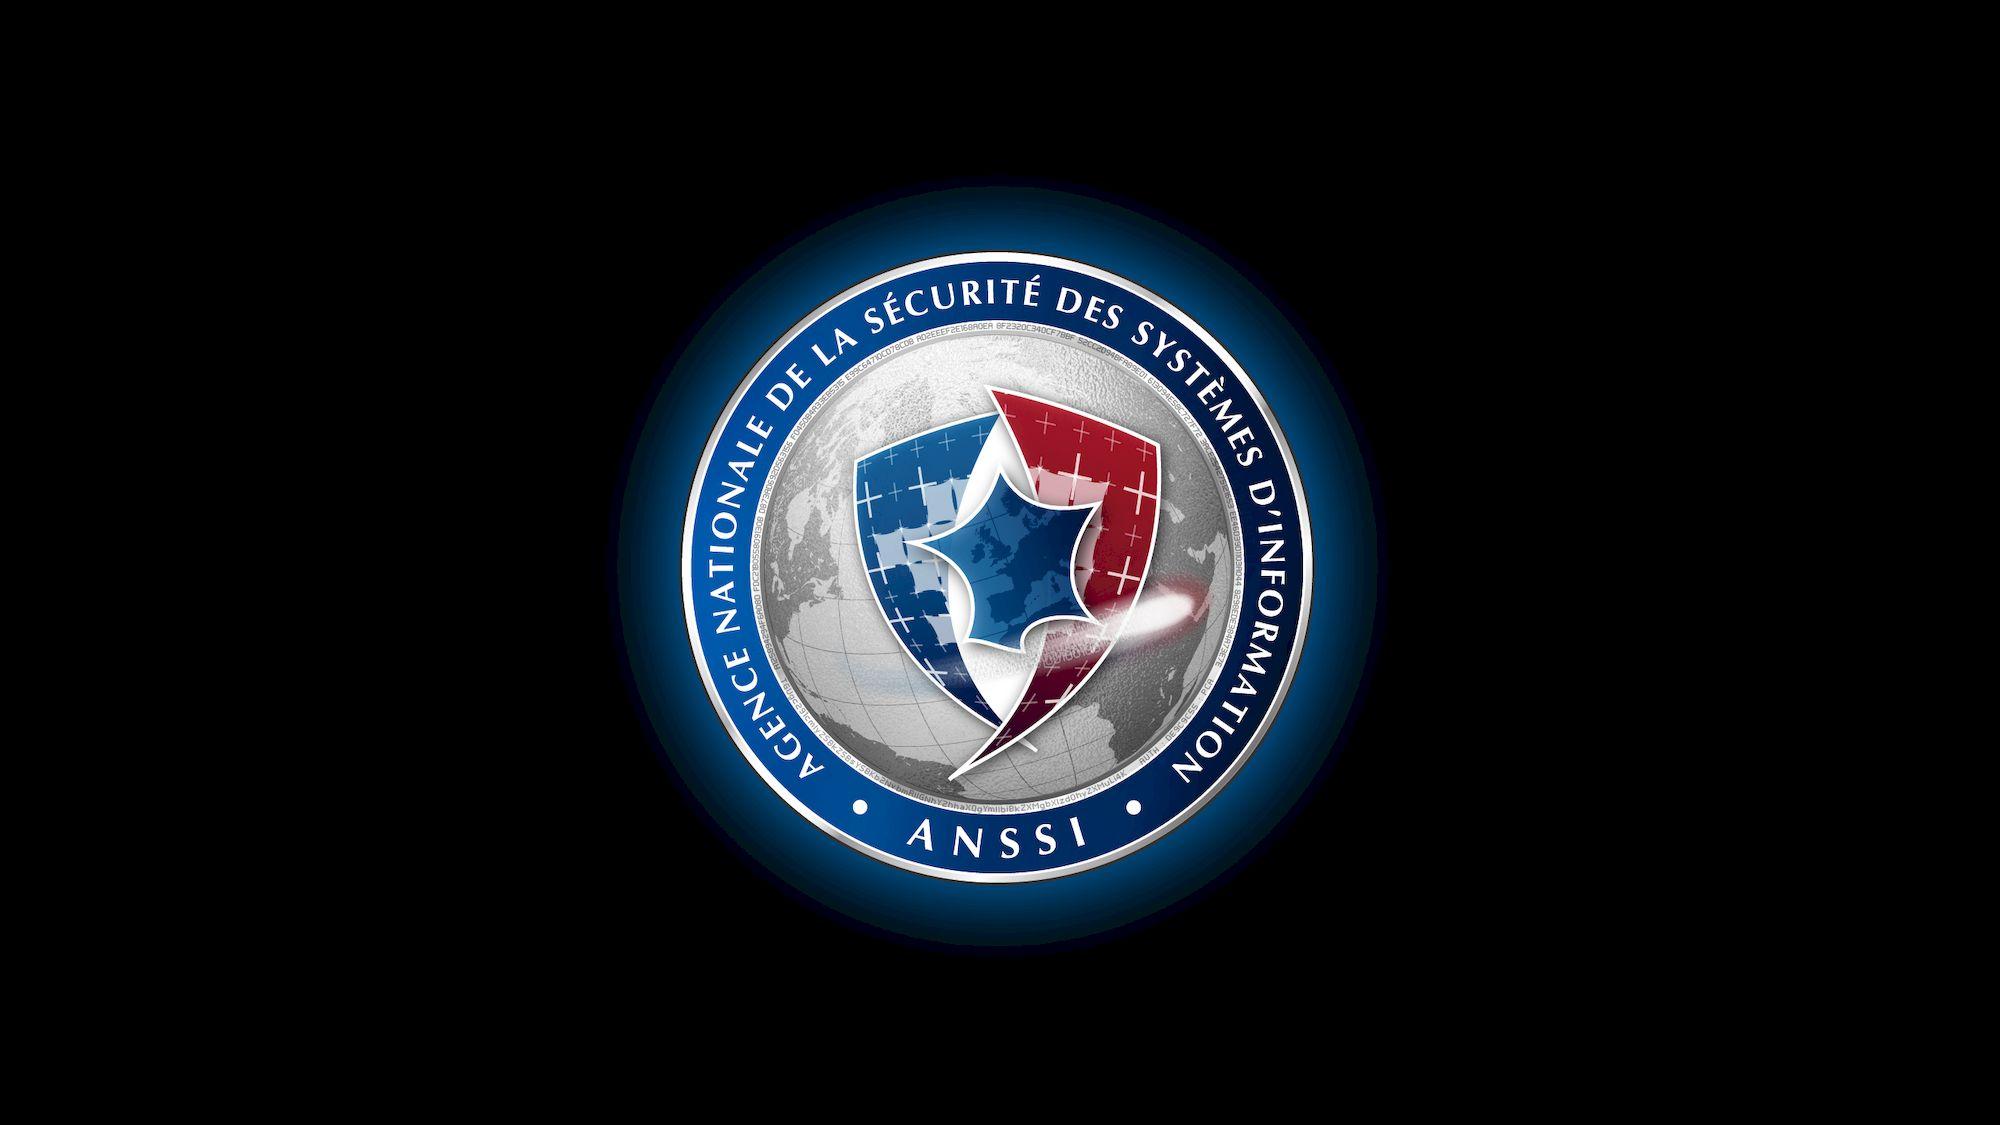 FIC 2019: L'ANSSI vient de désigner ses premiers partenaires de détection d'incidents de sécurité